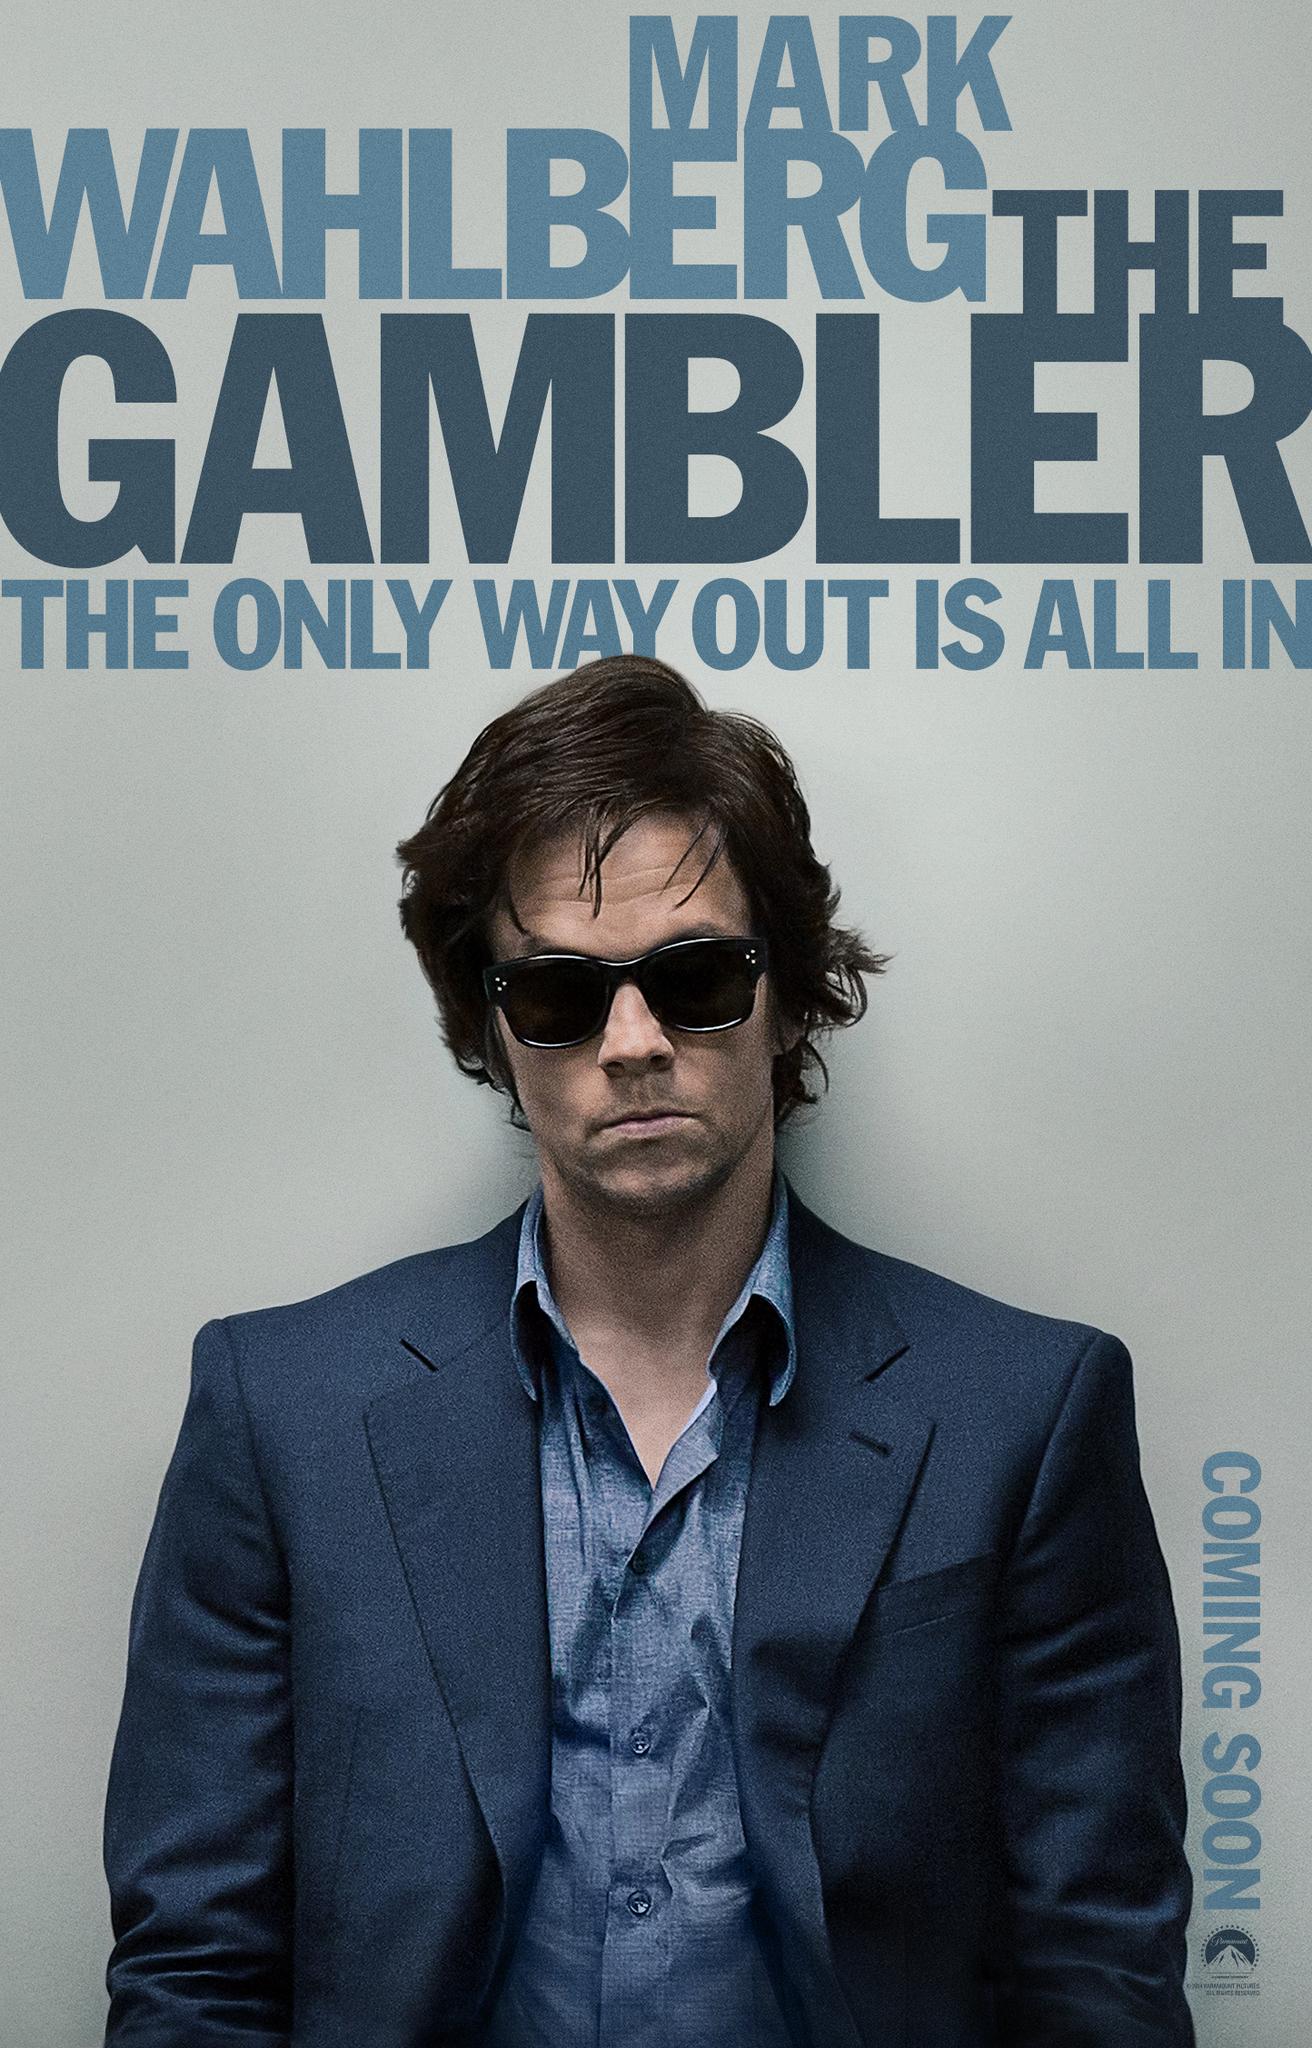 The Gambler (2014) - IMDb